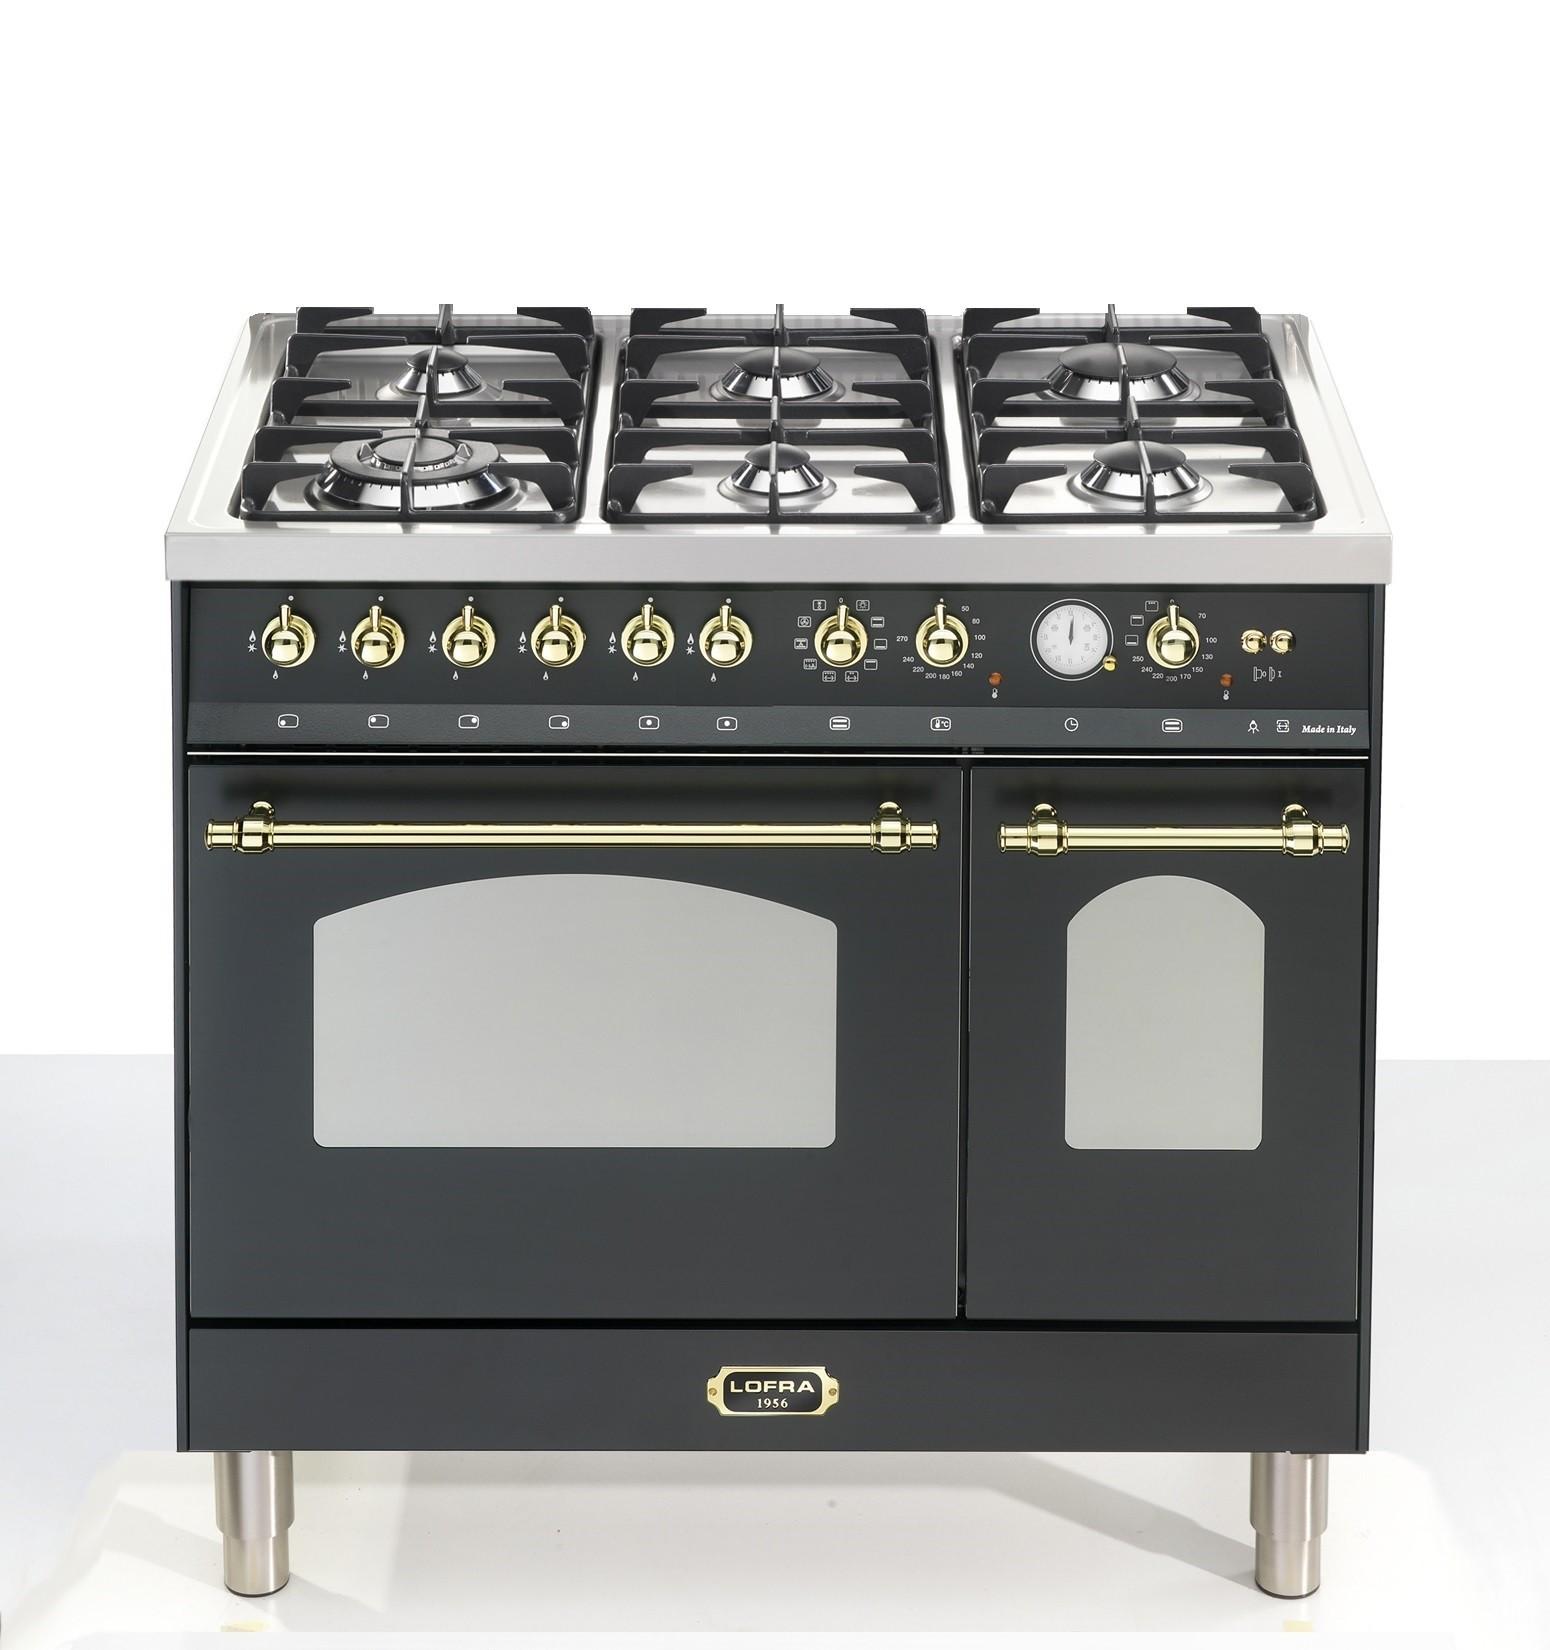 Uitgelezene Lofra fornuizen 100% Italiaans design - UW-keuken.nl AA-42